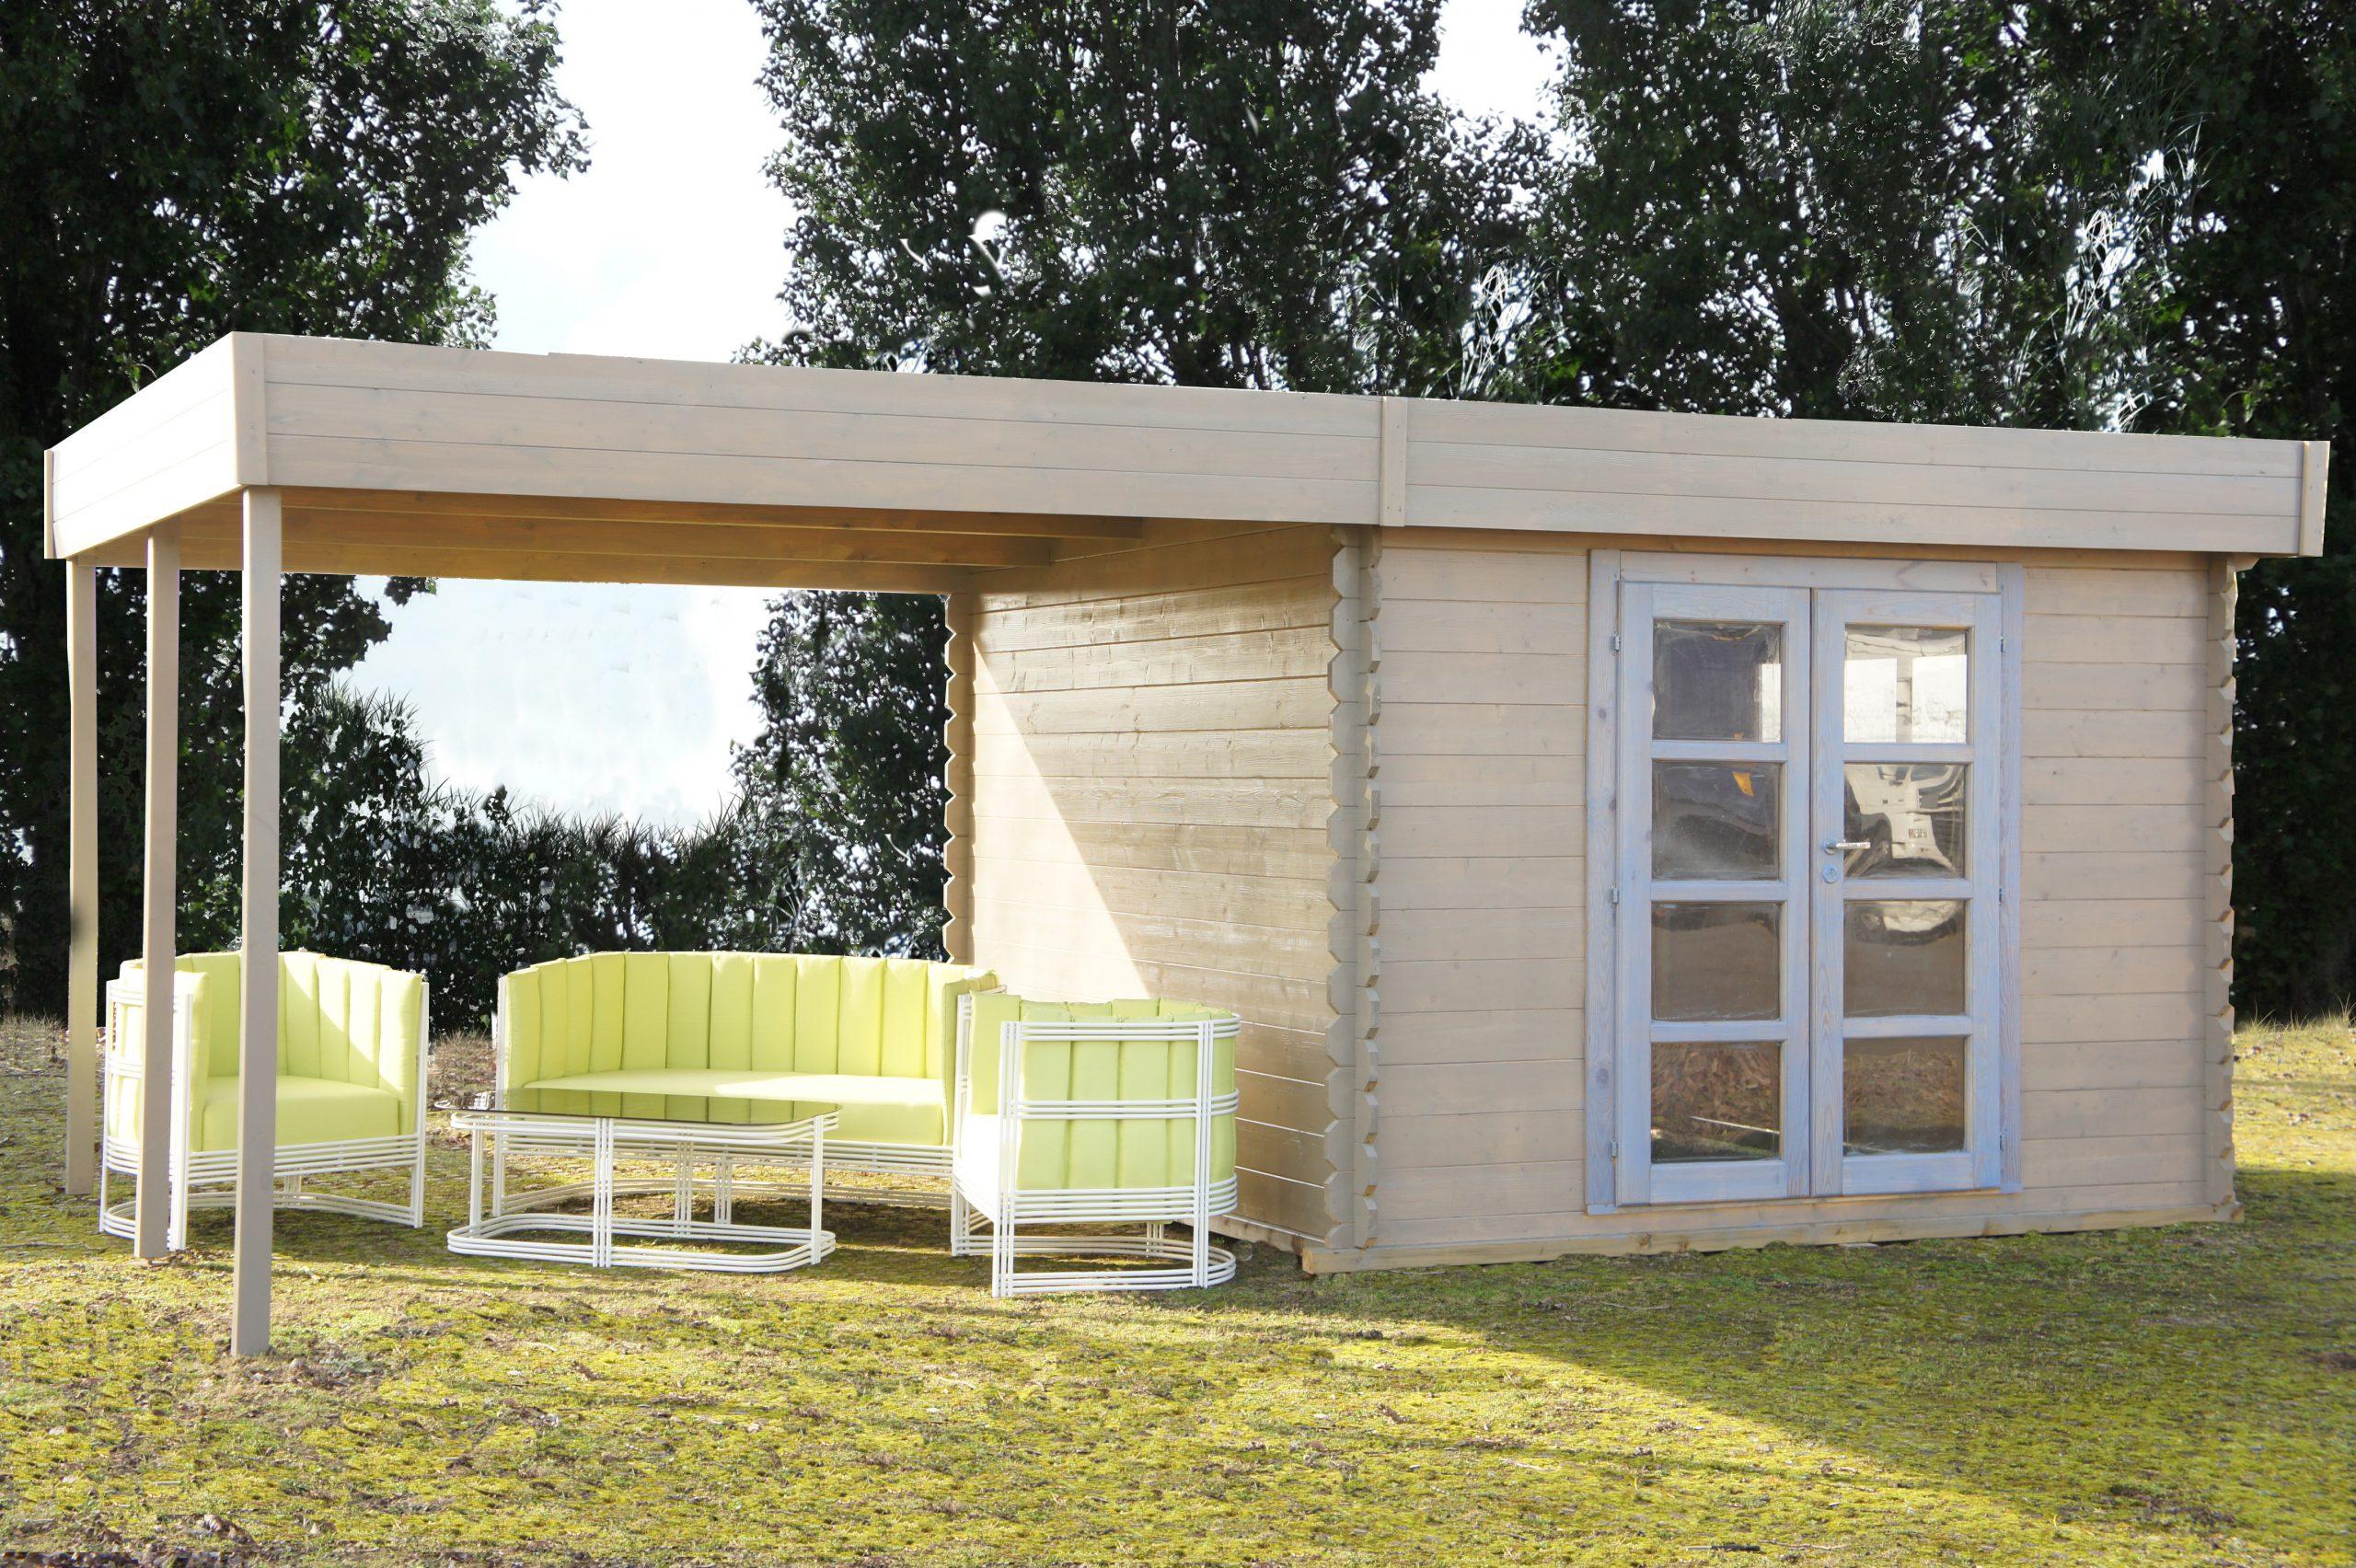 Cabane Jardin Toit Plat dedans Abri De Jardin Pas Cher Brico Depot